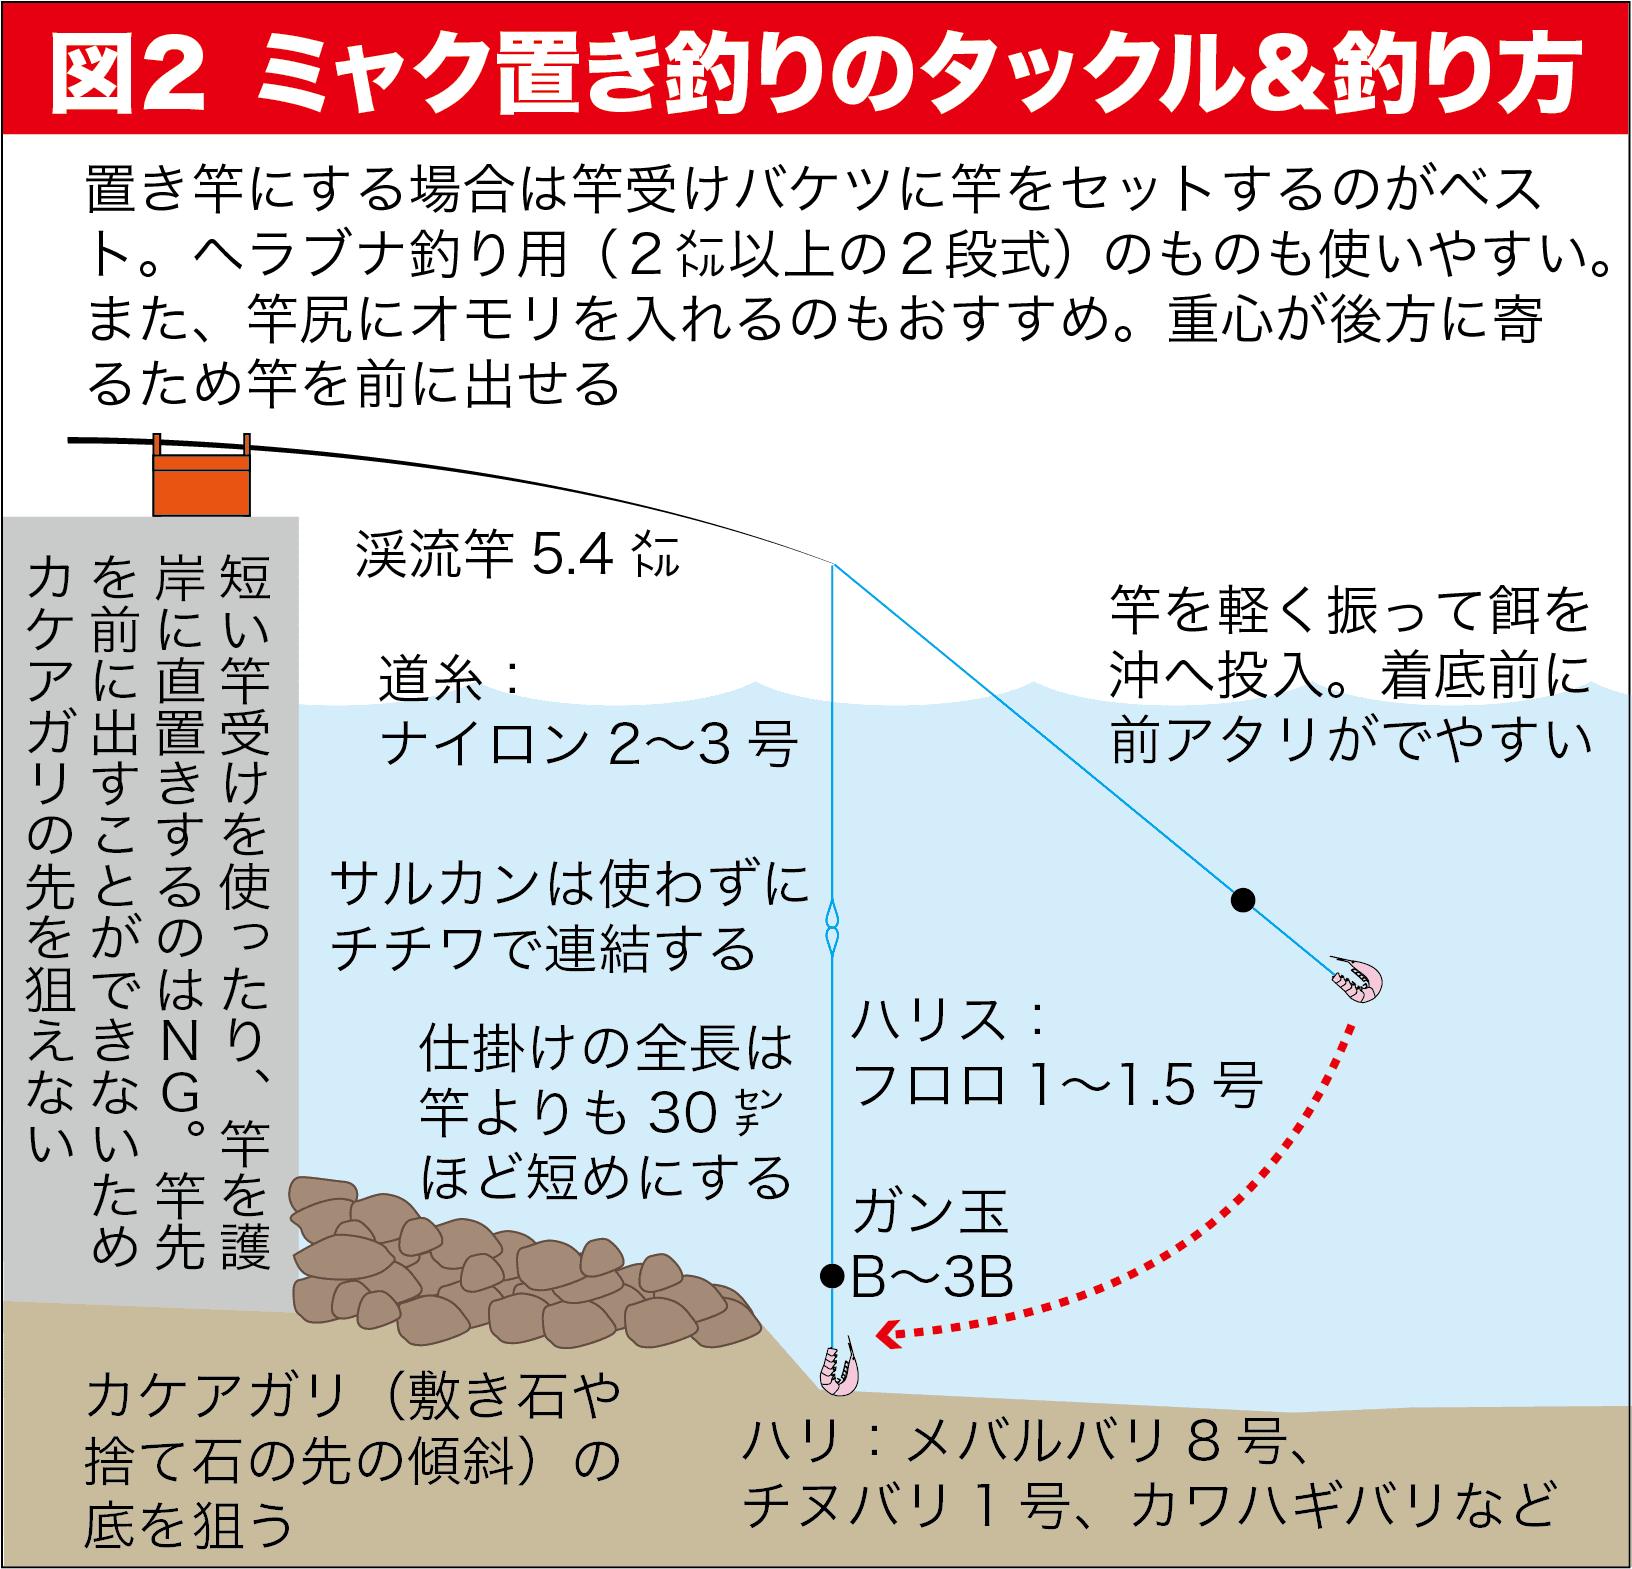 のべ竿大漁4-舞鶴11